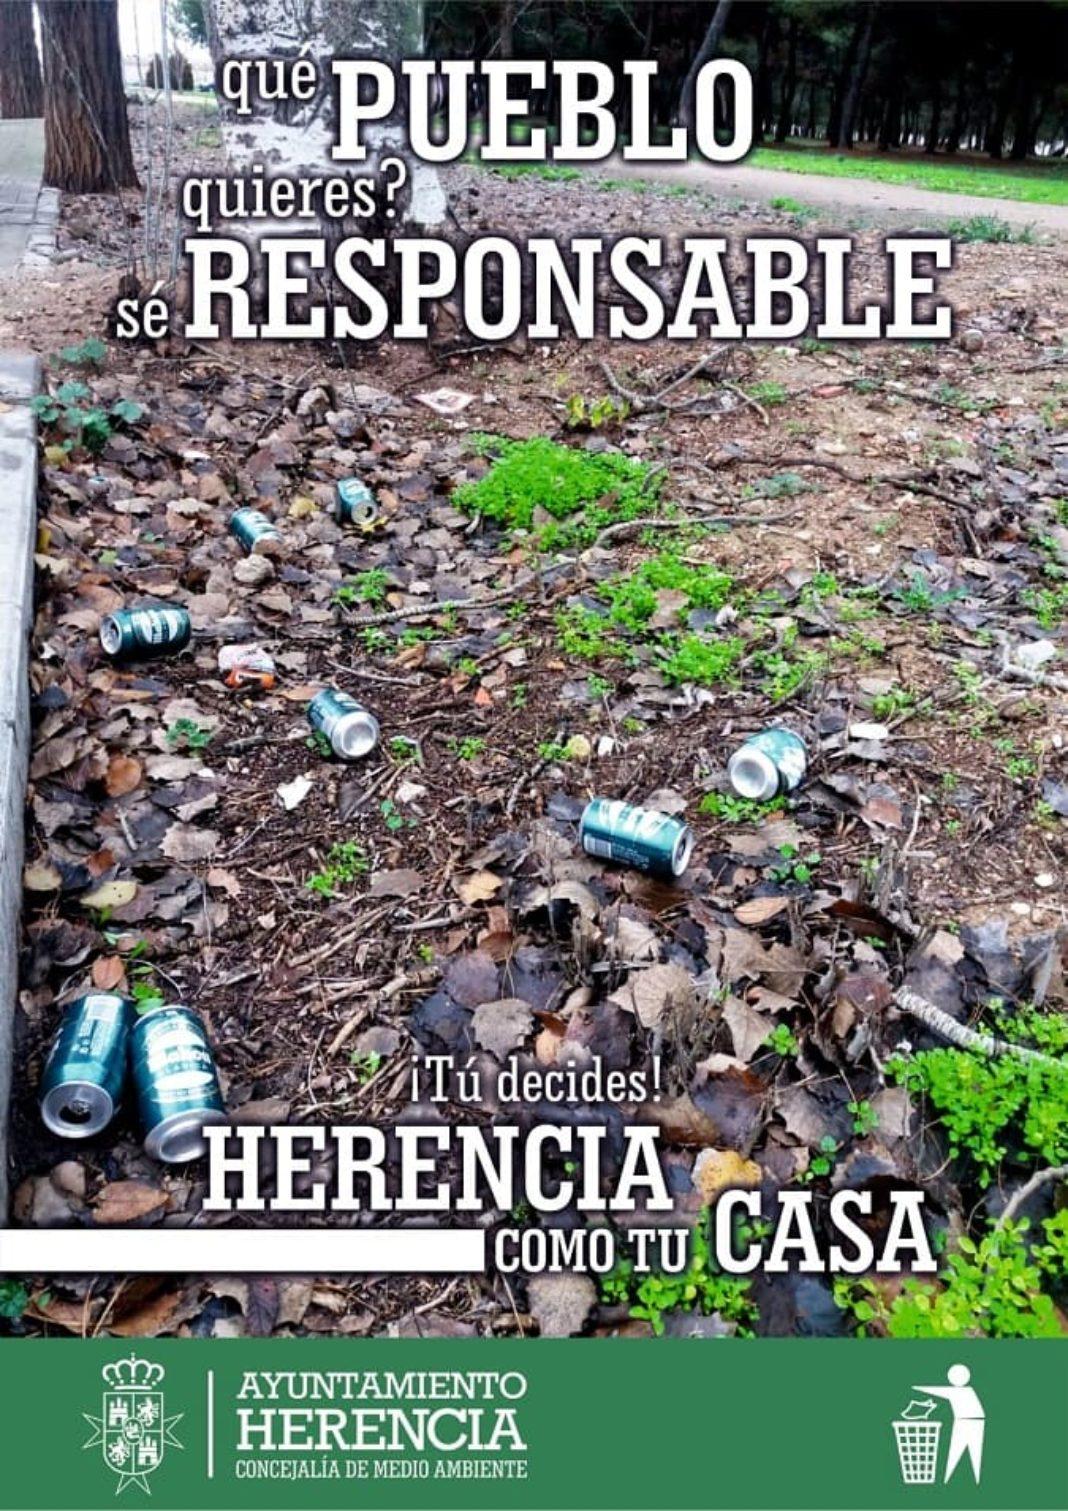 Herencia pone en marcha tres campañas de limpieza para concienciar y sensibilizar a la población 4